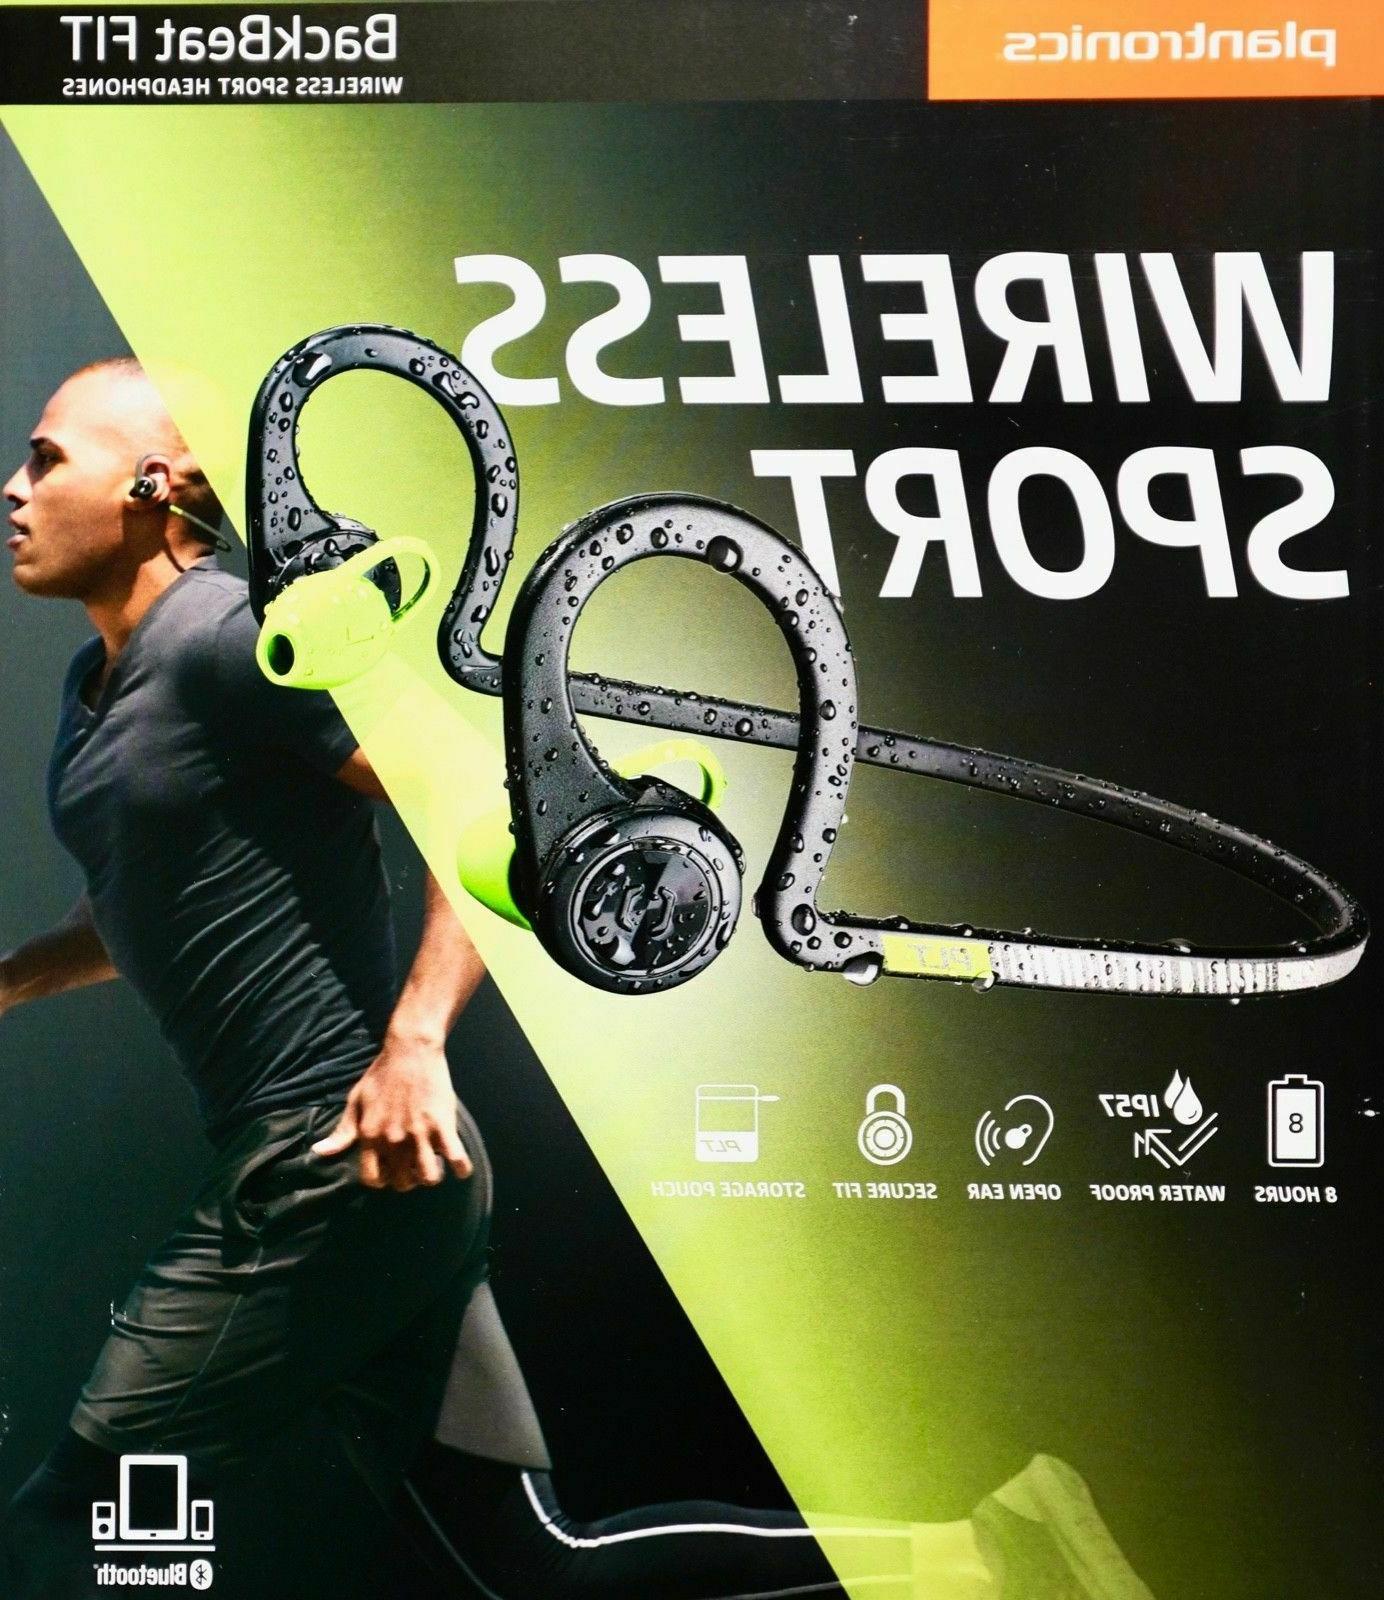 backbeat fit wireless sport bluetooth headphones sweat